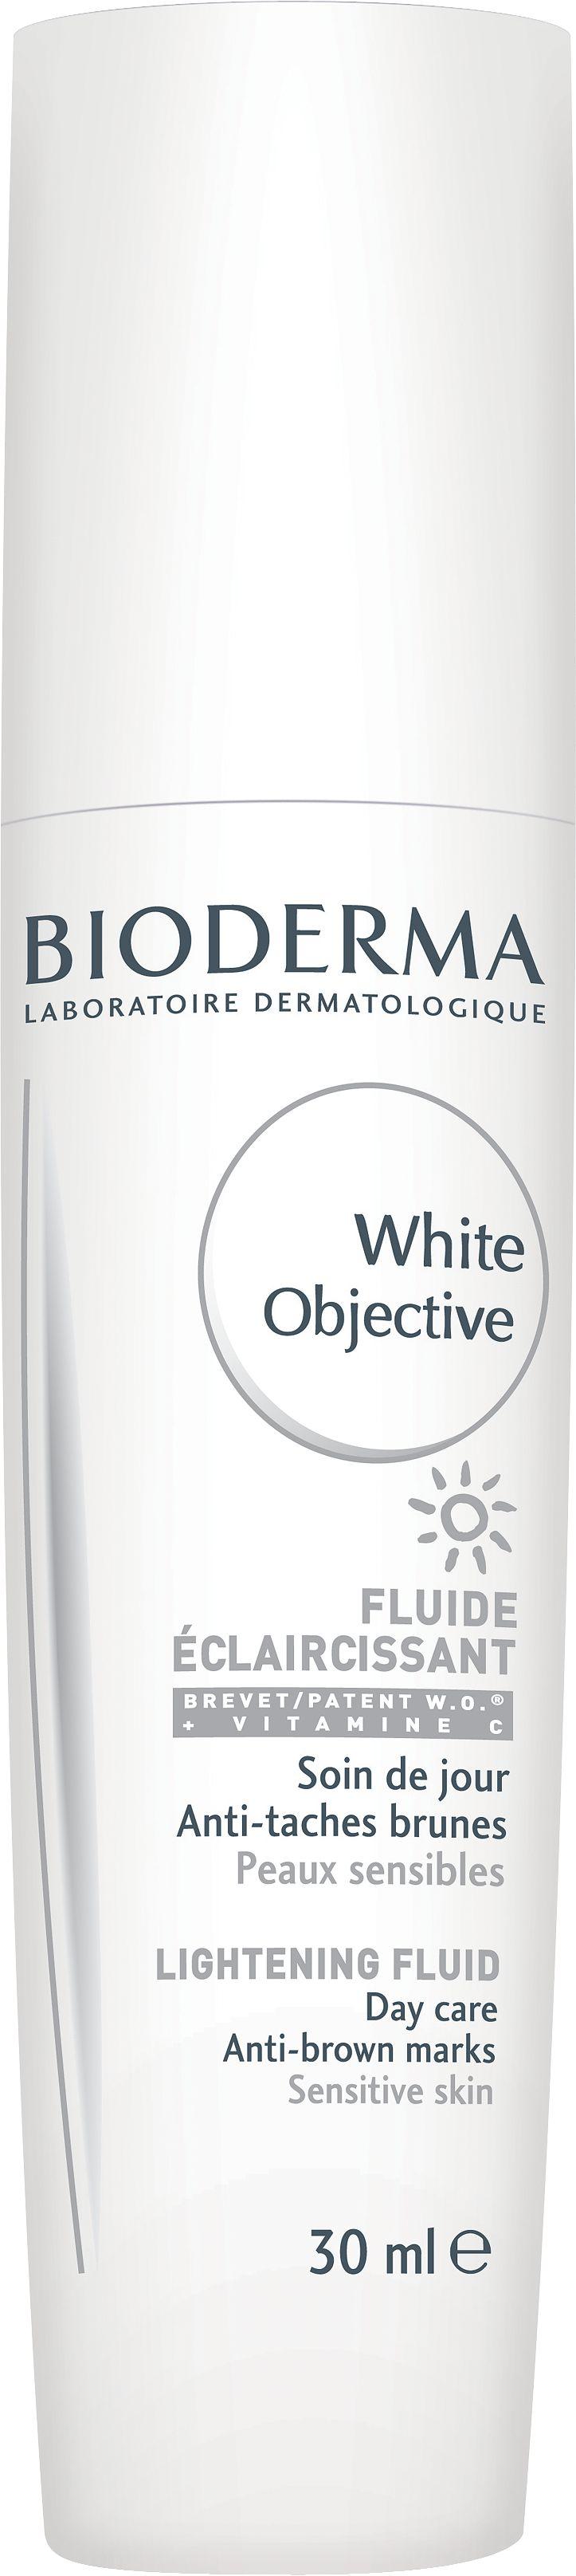 Bioderma White Objective Lightening Fluid 30ml